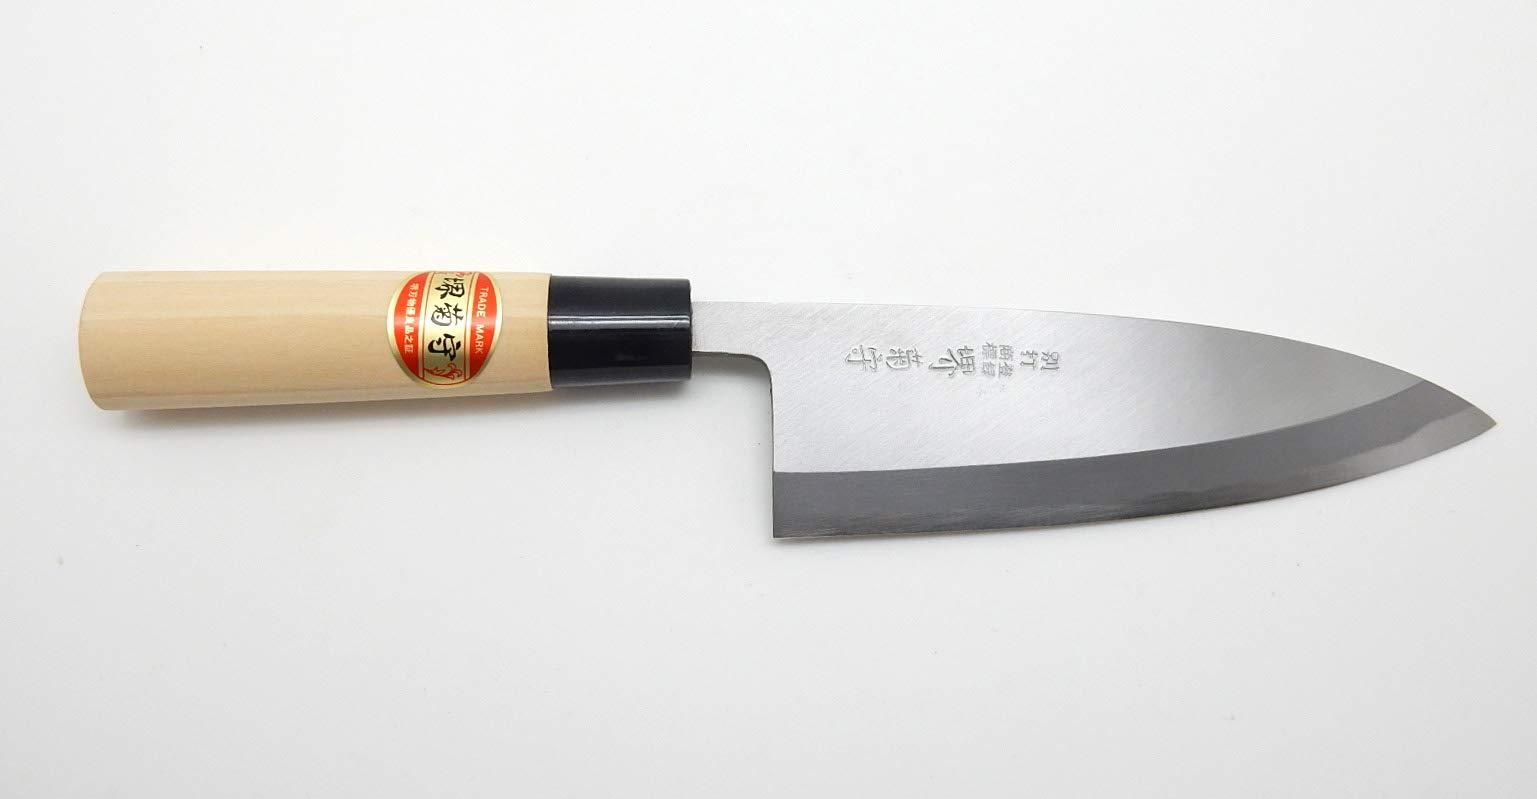 SAKAI KIKUMORI Yasuki White Steel,Kasumi Professional Deba Knife (165mm/6.5'') by SAKAI KIKUMORI (Image #2)